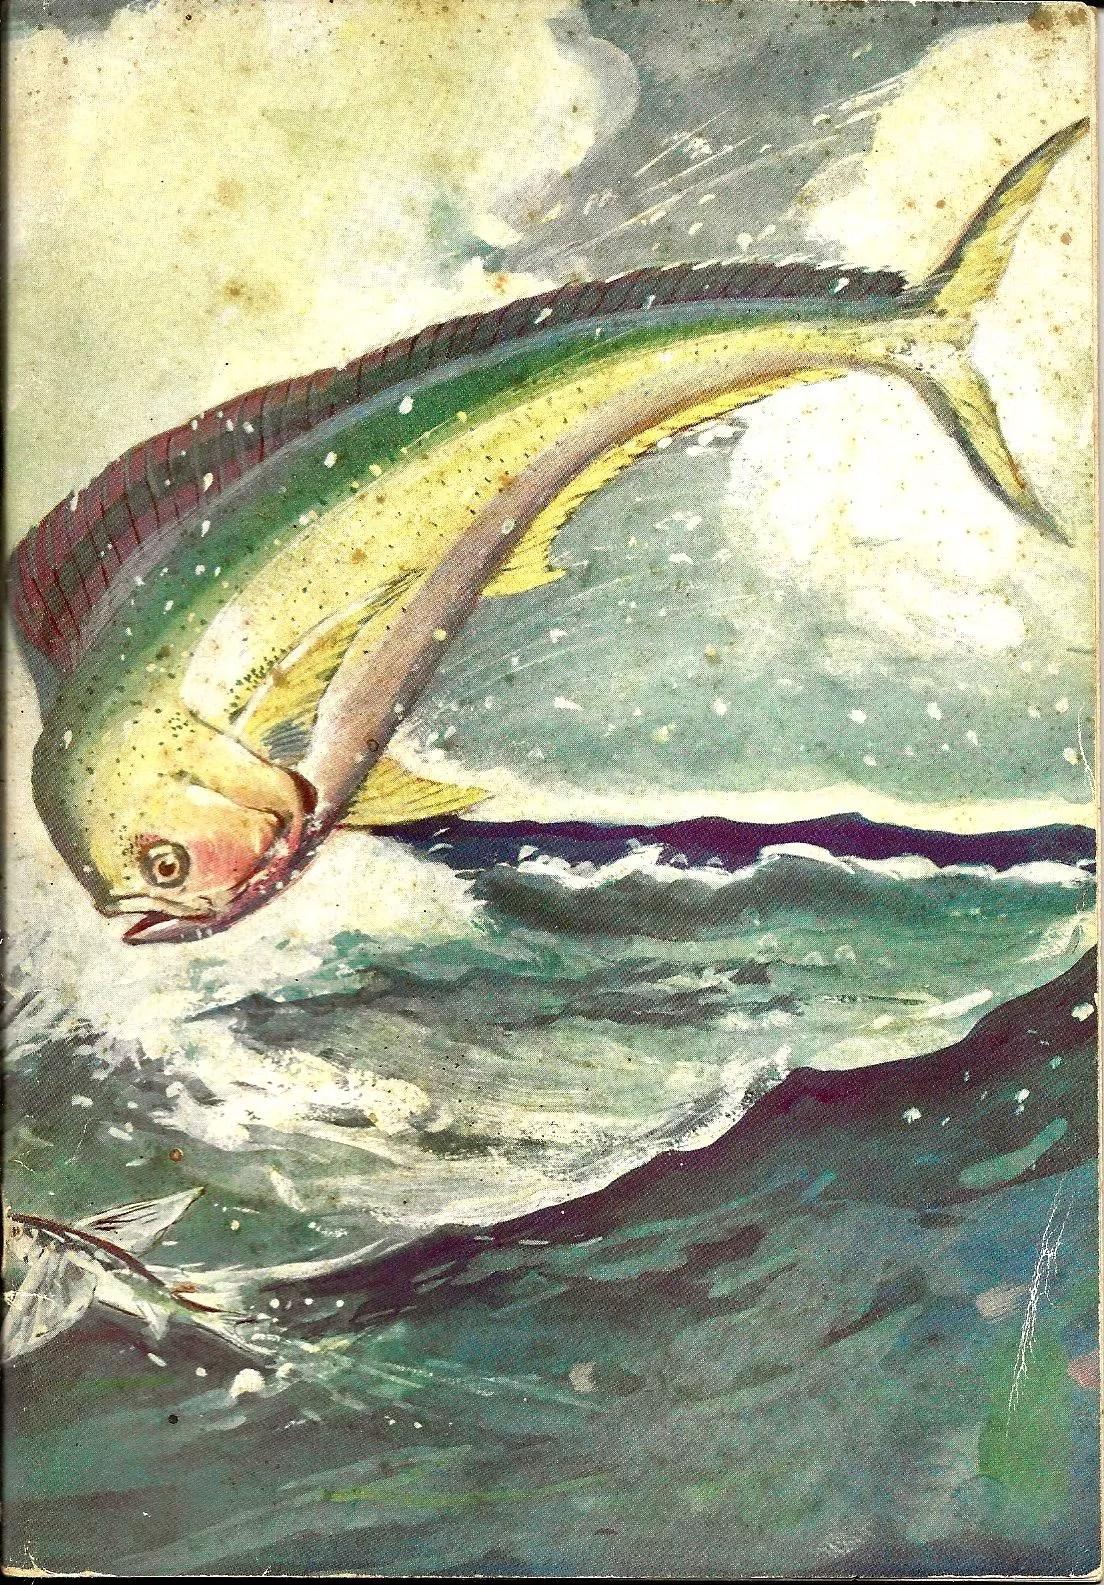 A&F 1940 Catalog